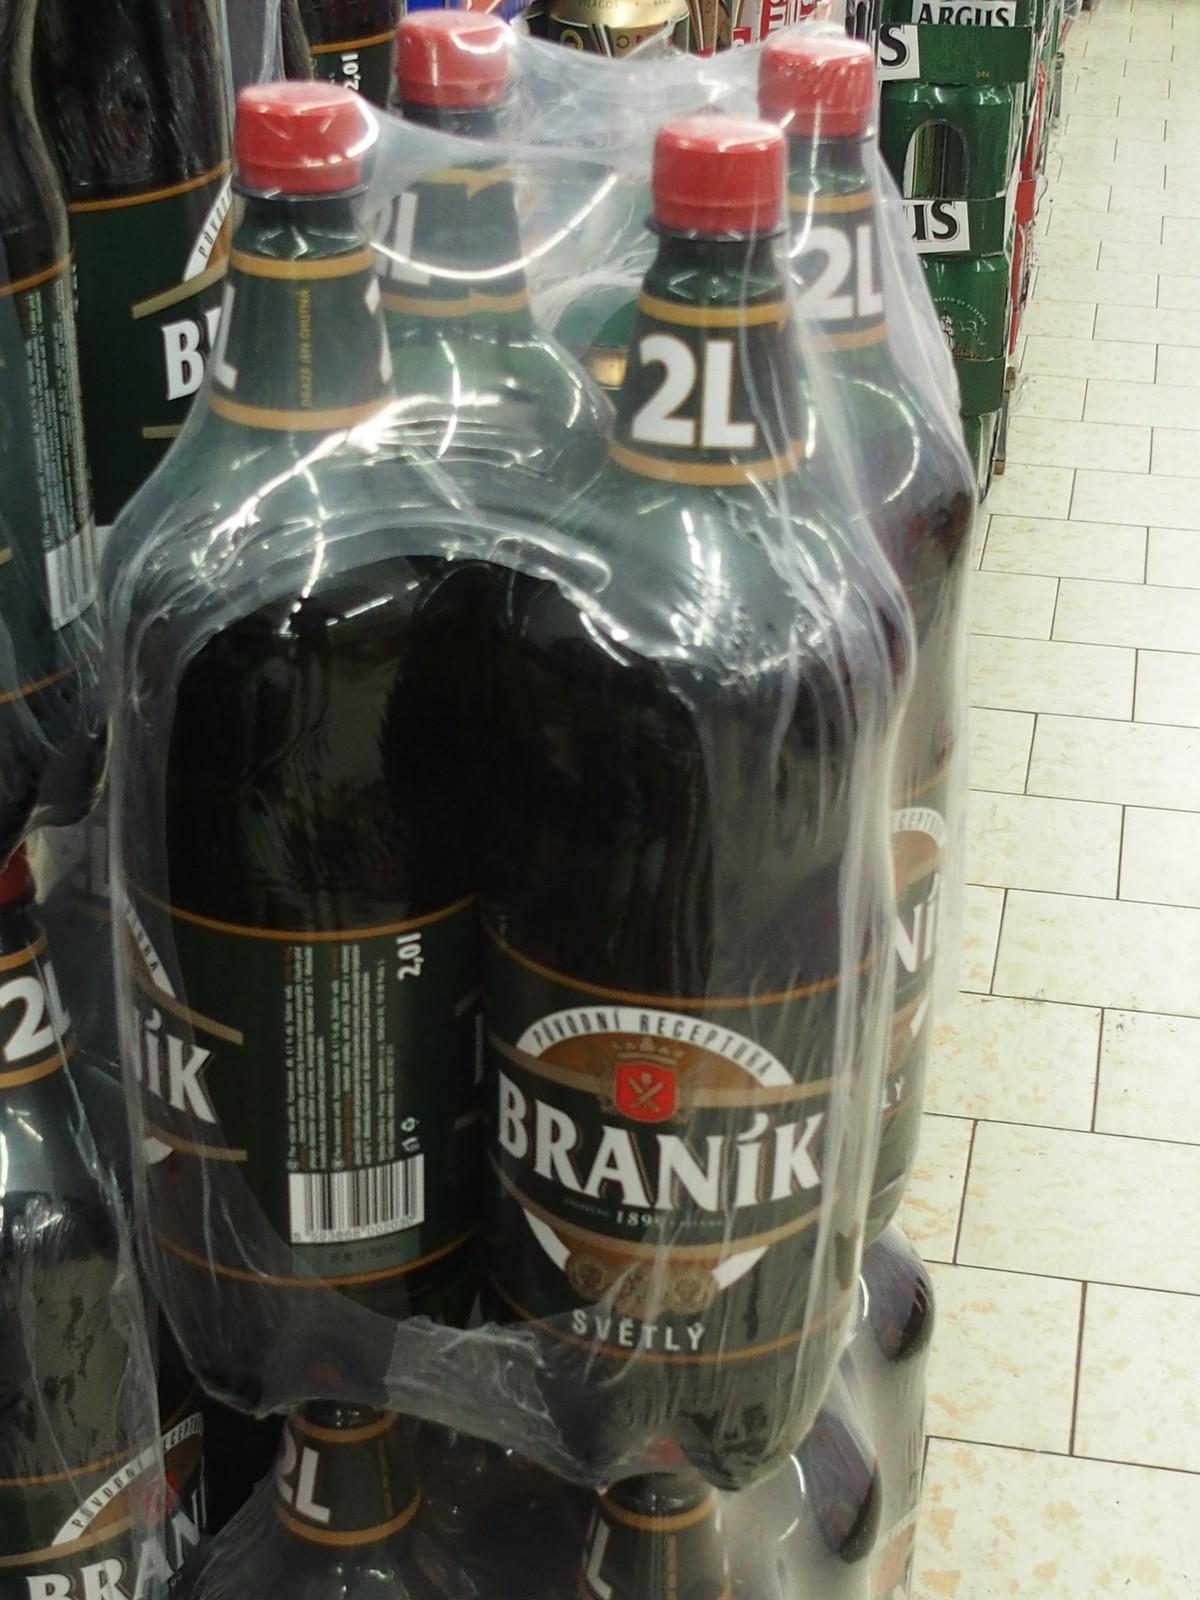 Öl för en karl 2l